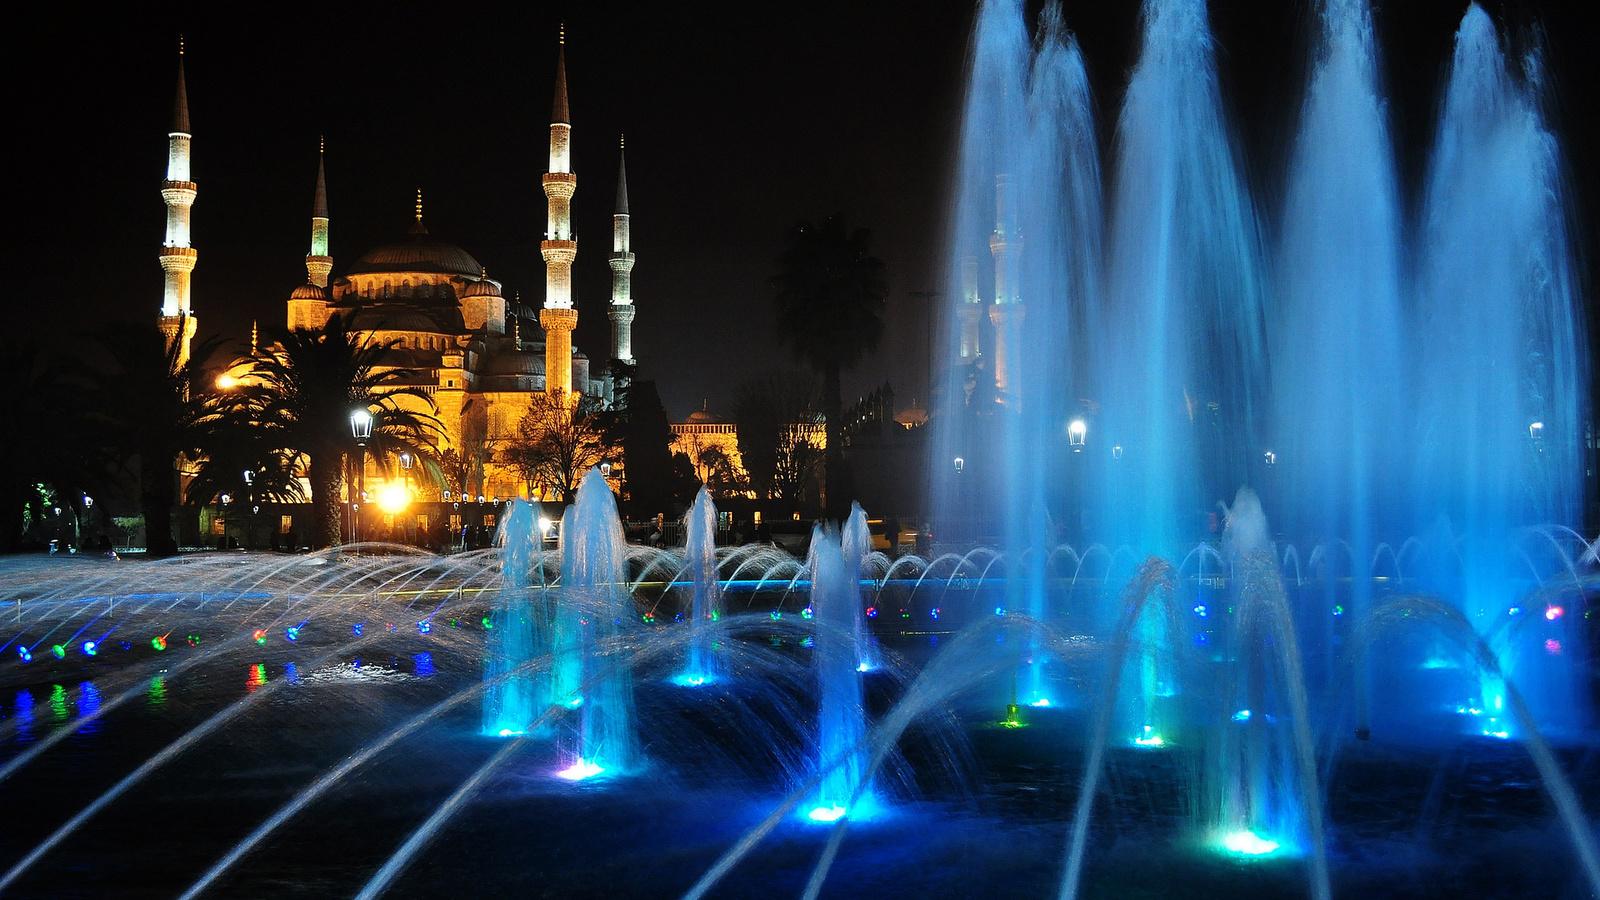 фото, турция, стамбул, мечеть, мечеть султанахмет, фонтан, вода, вечер, город